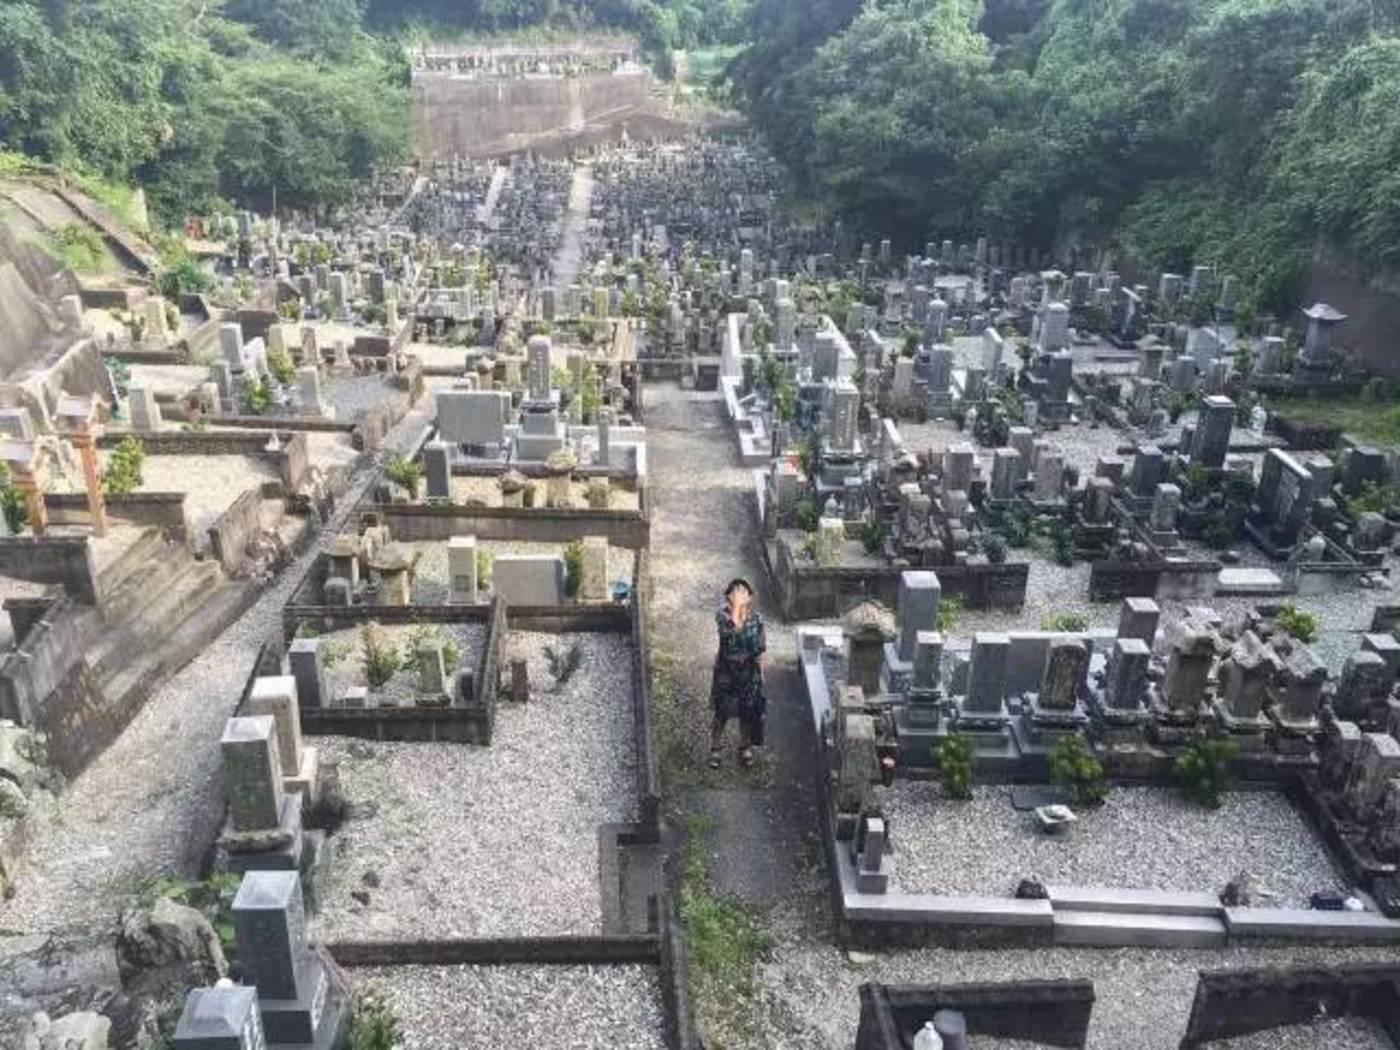 随着城市人口的增加,公墓成了我们的最后一站